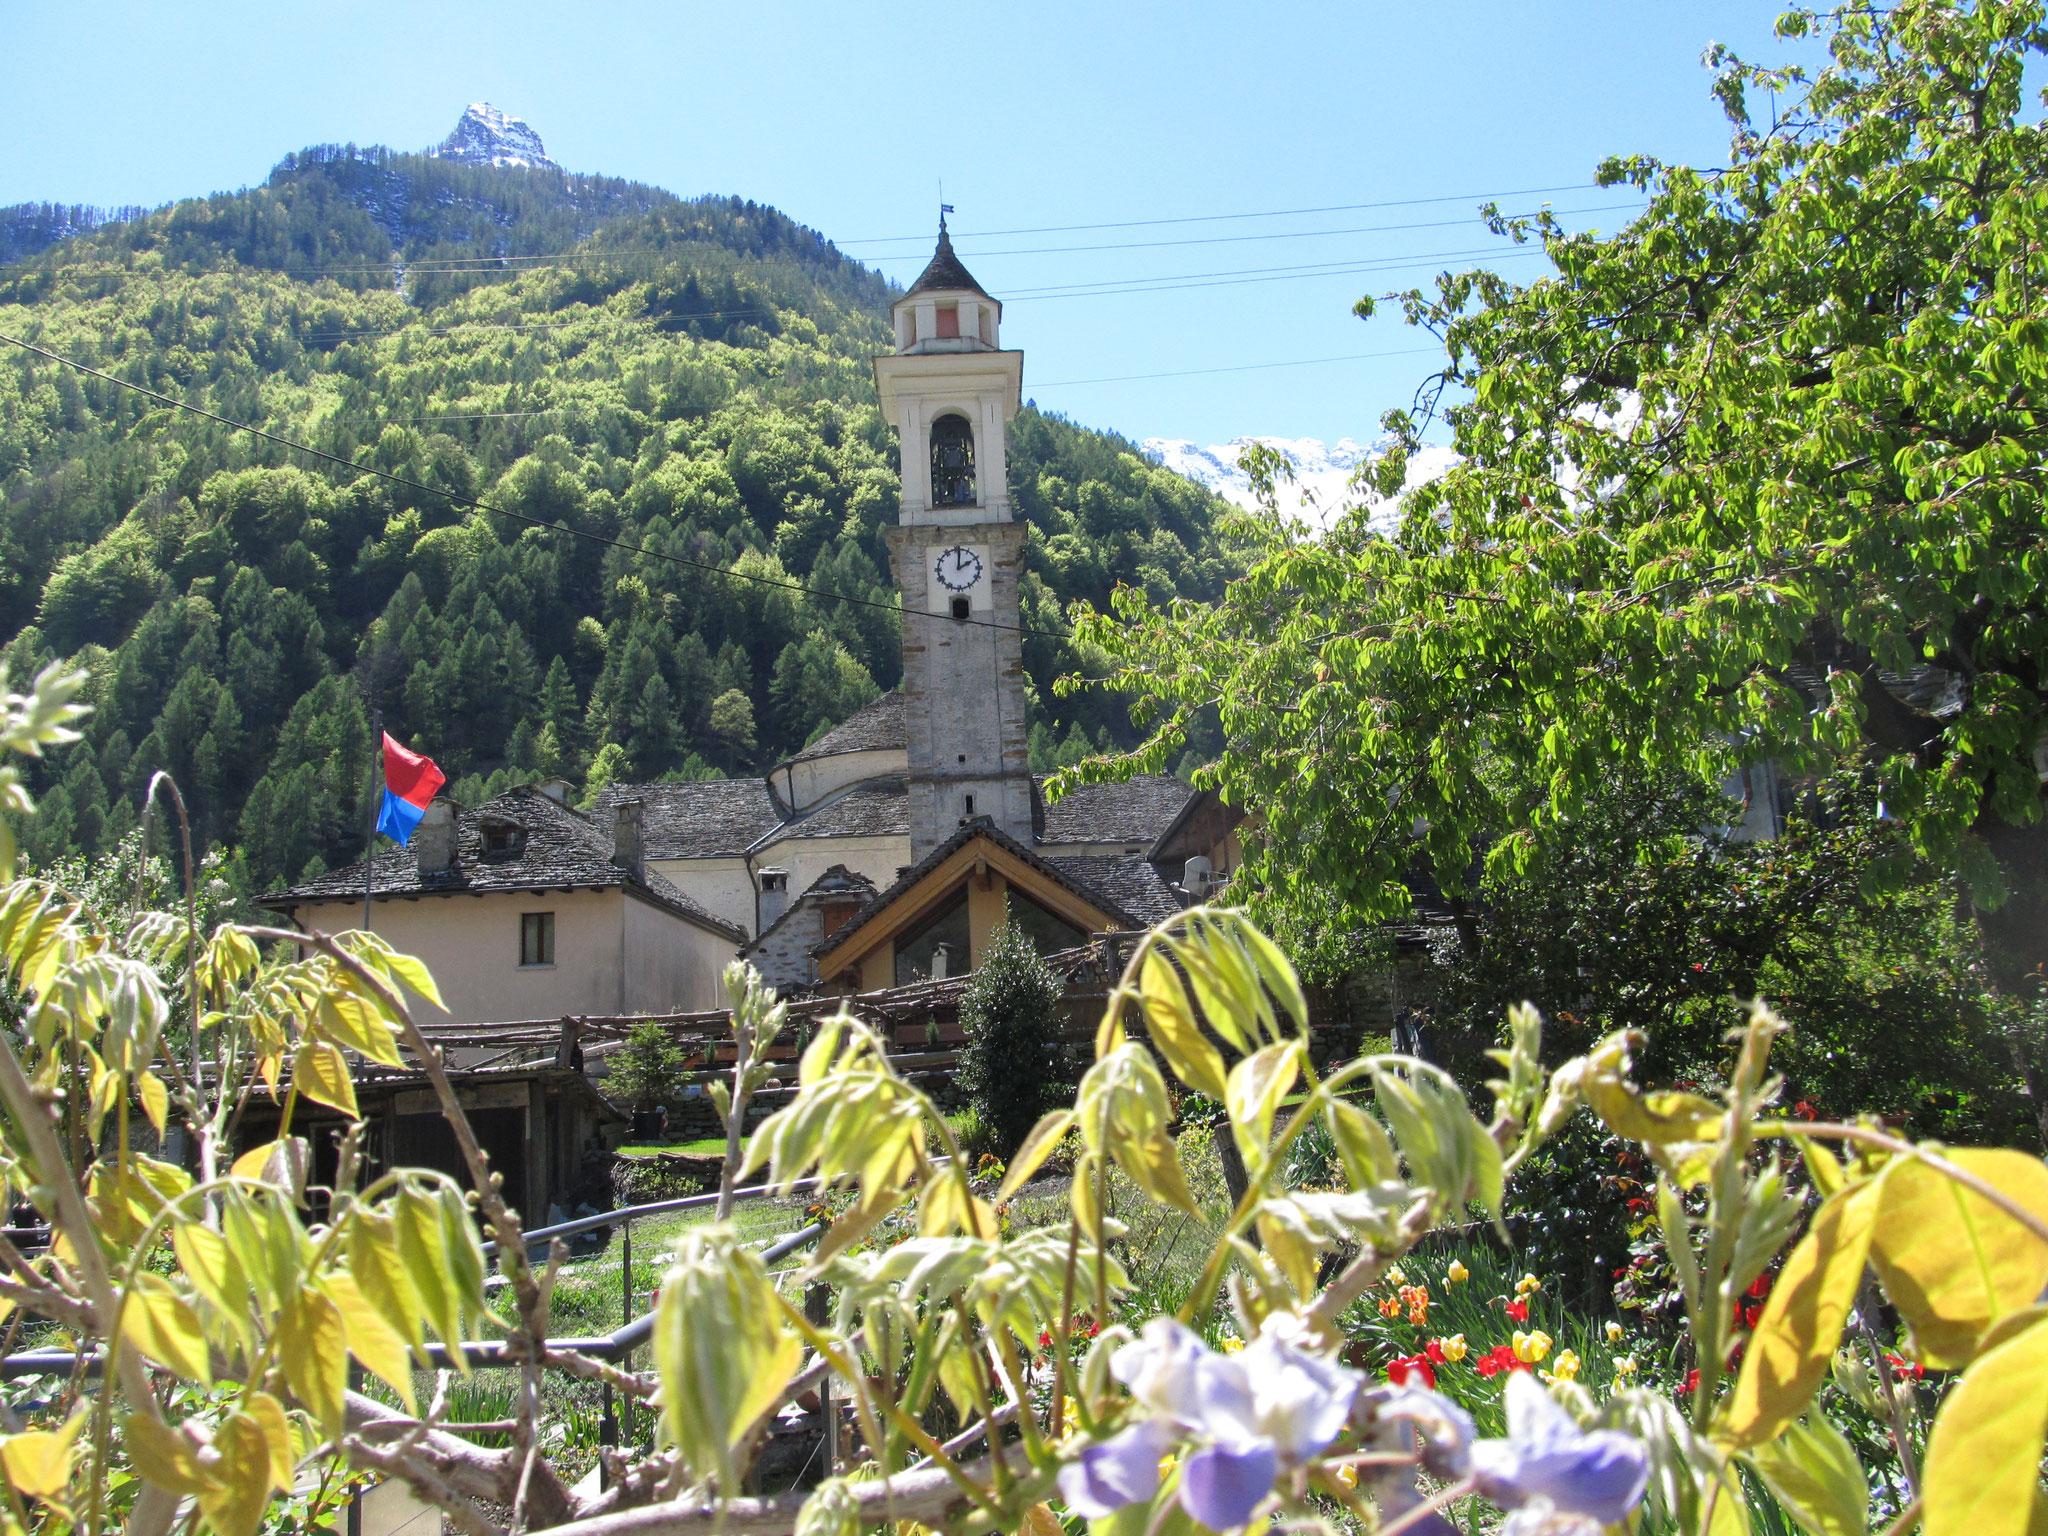 Kirche im Dorf Foroglio - Val Bavona